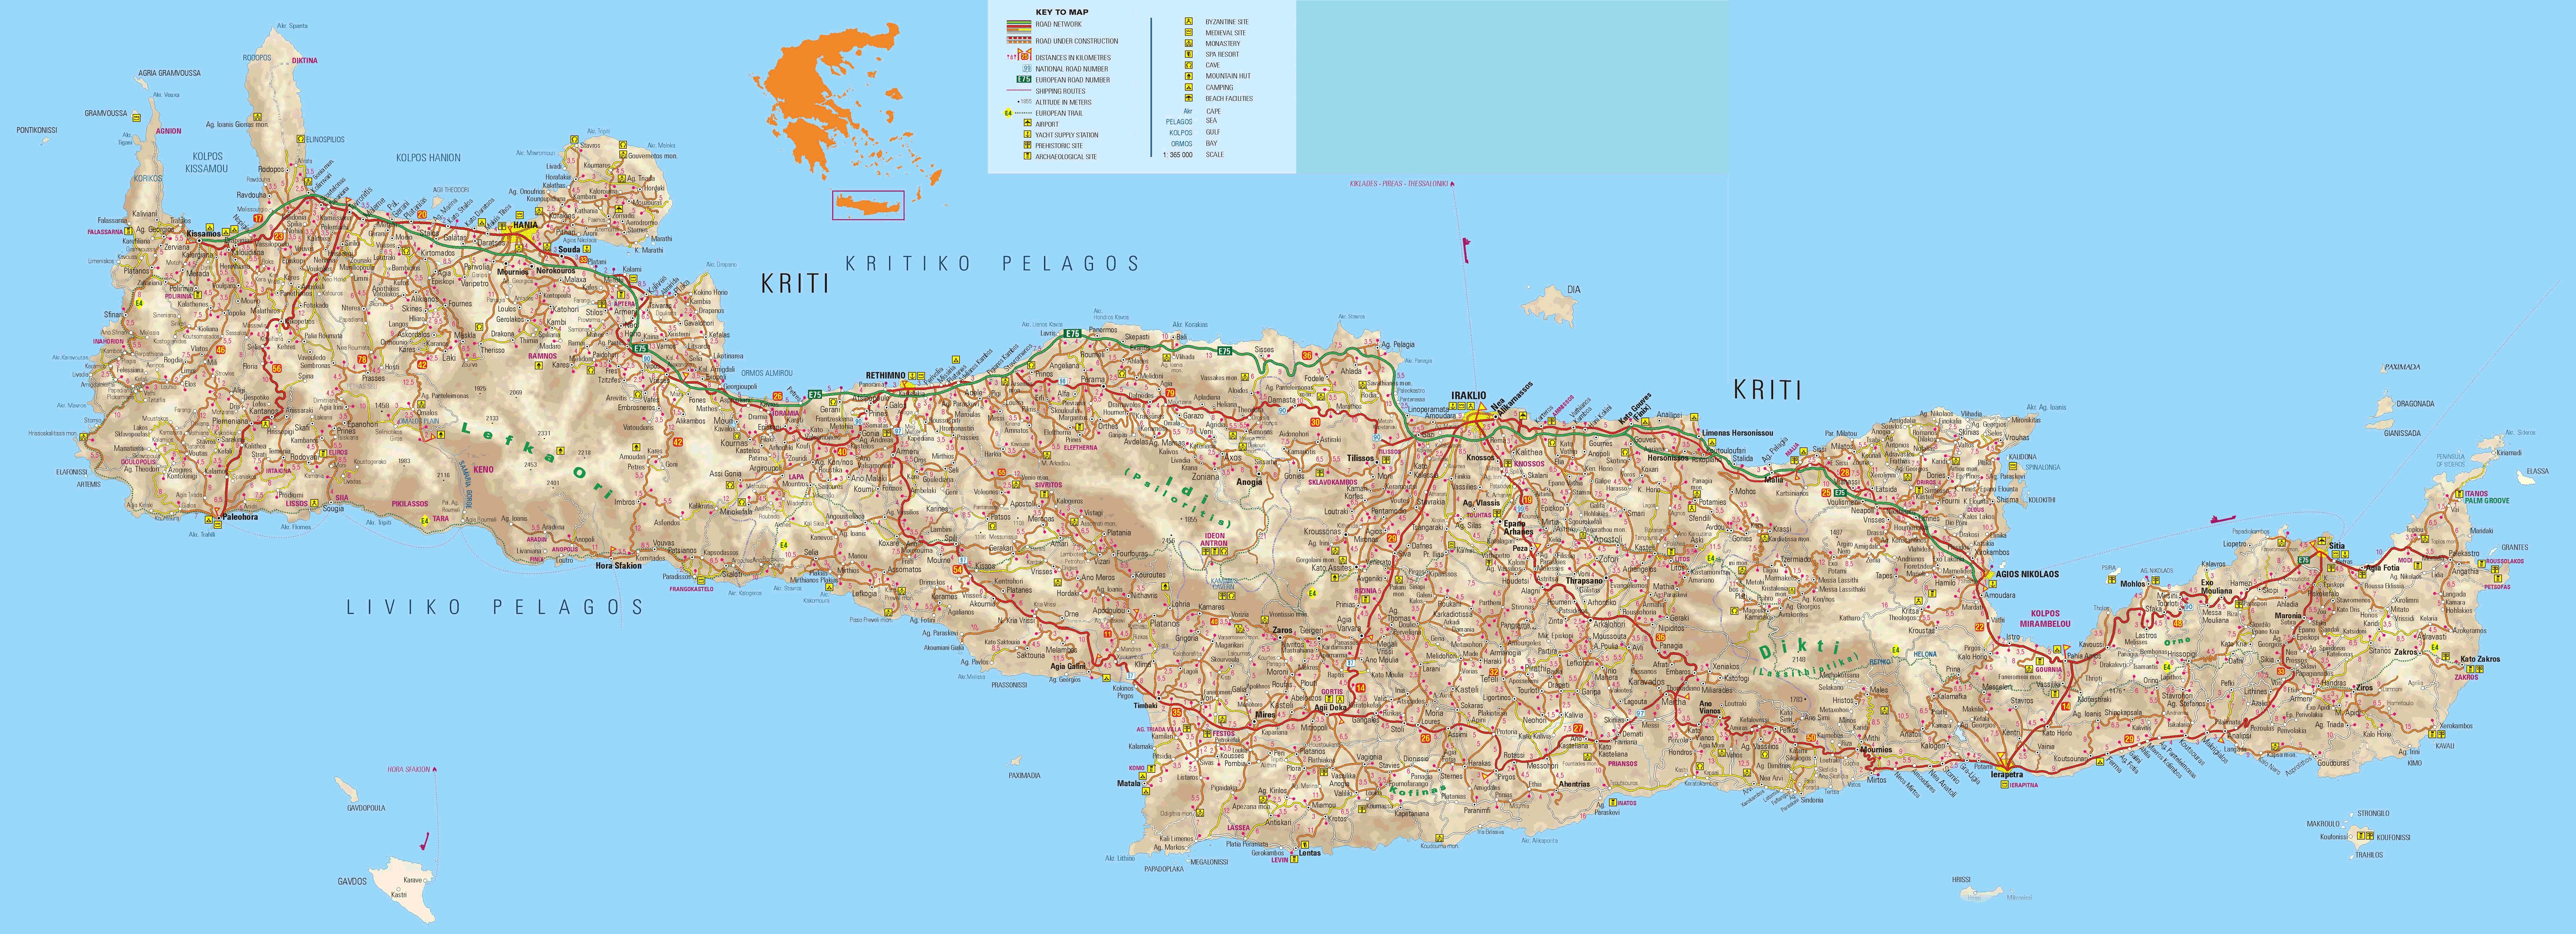 Kreeta saare kaart